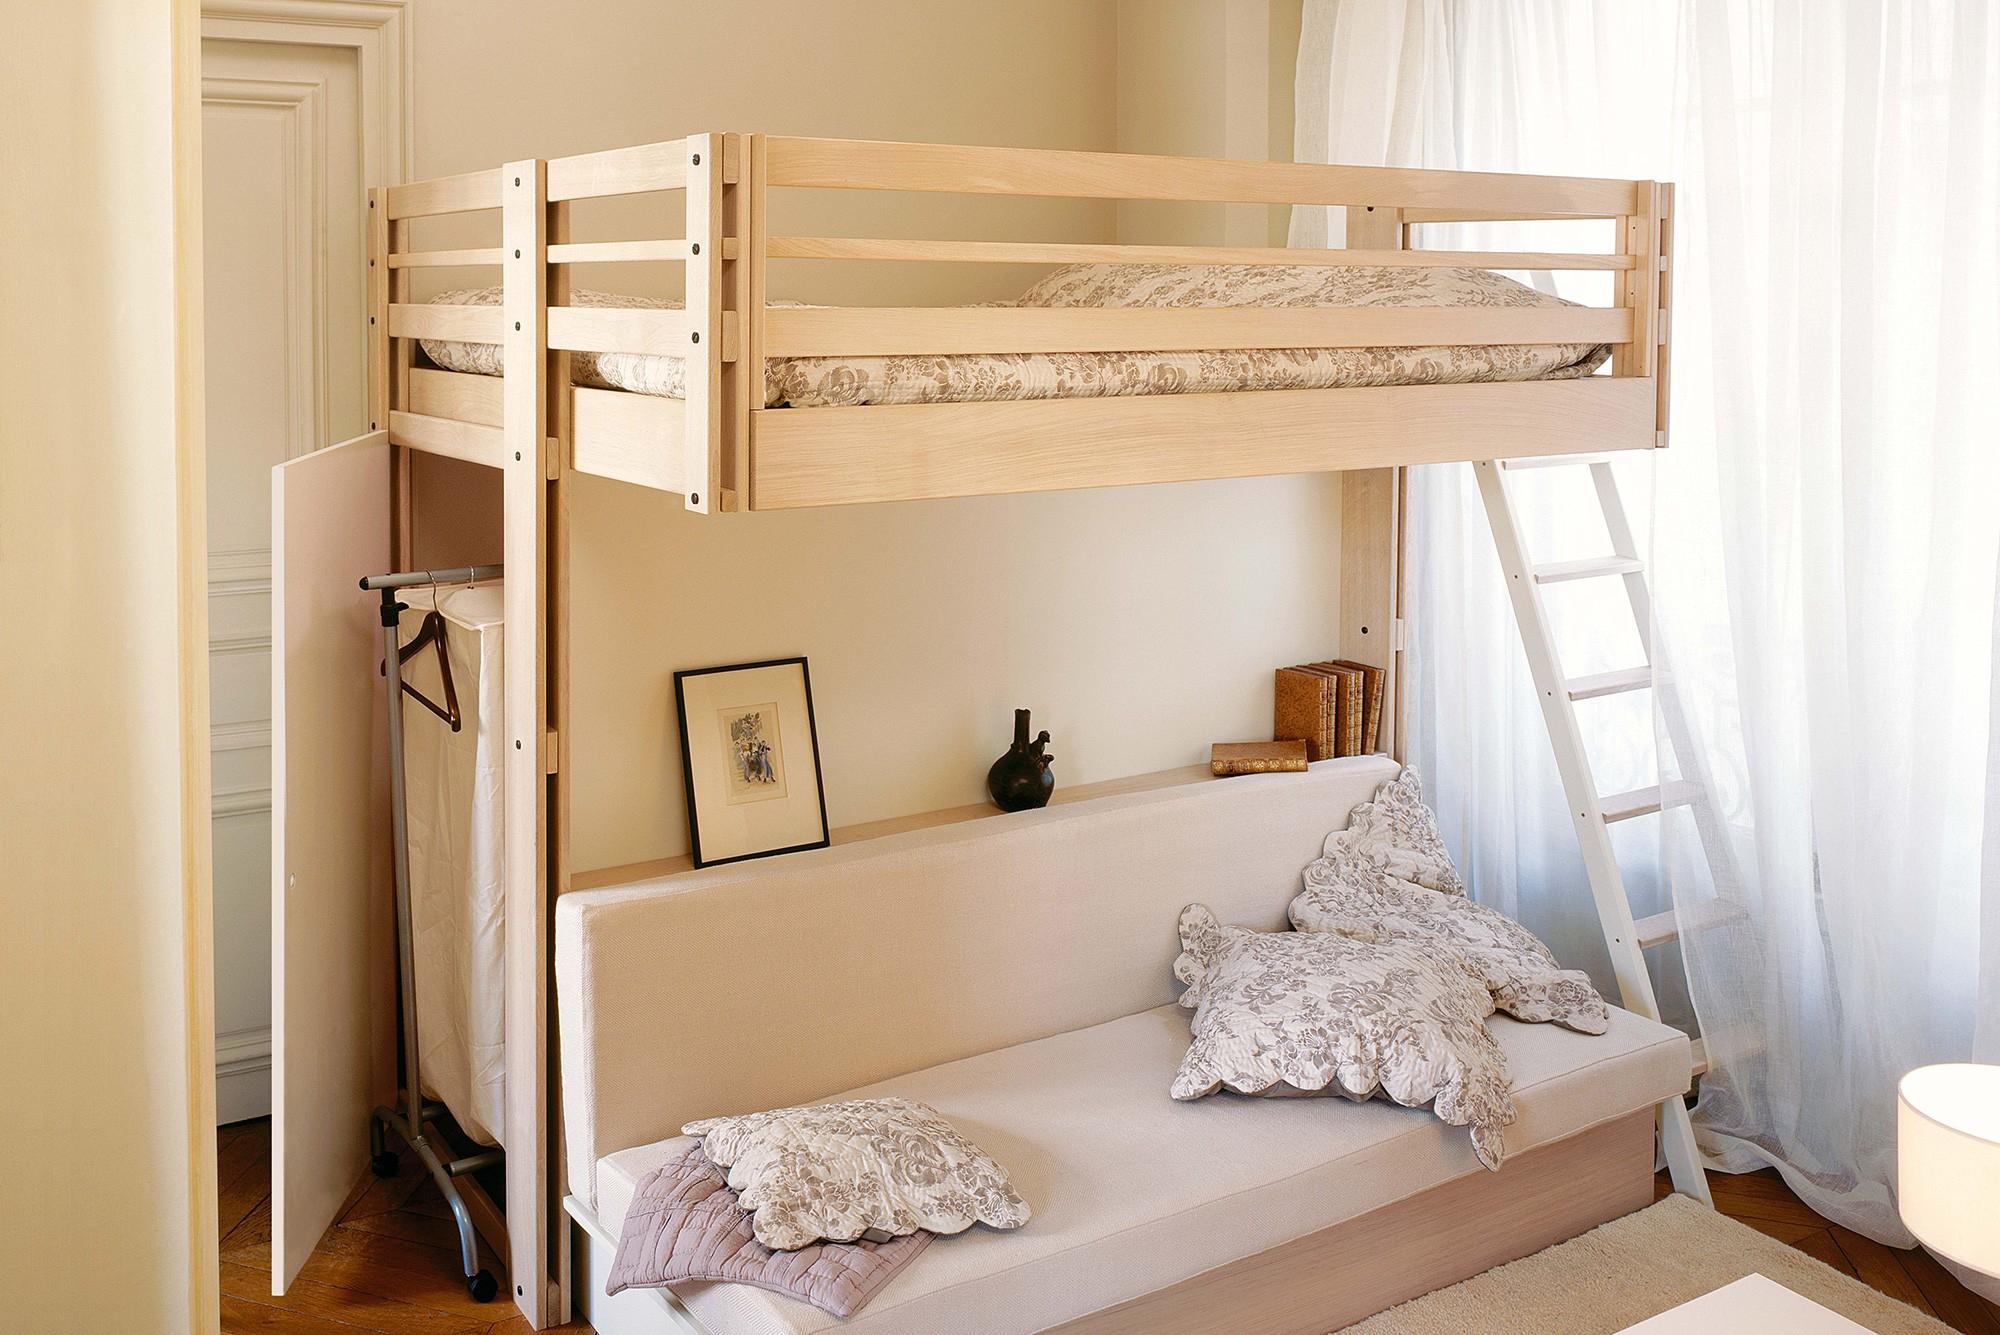 Lit Canapé Escamotable Ikea Élégant Stock Lit Armoire Canapé Beautiful Canap En U Convertible 12 Full Canape D